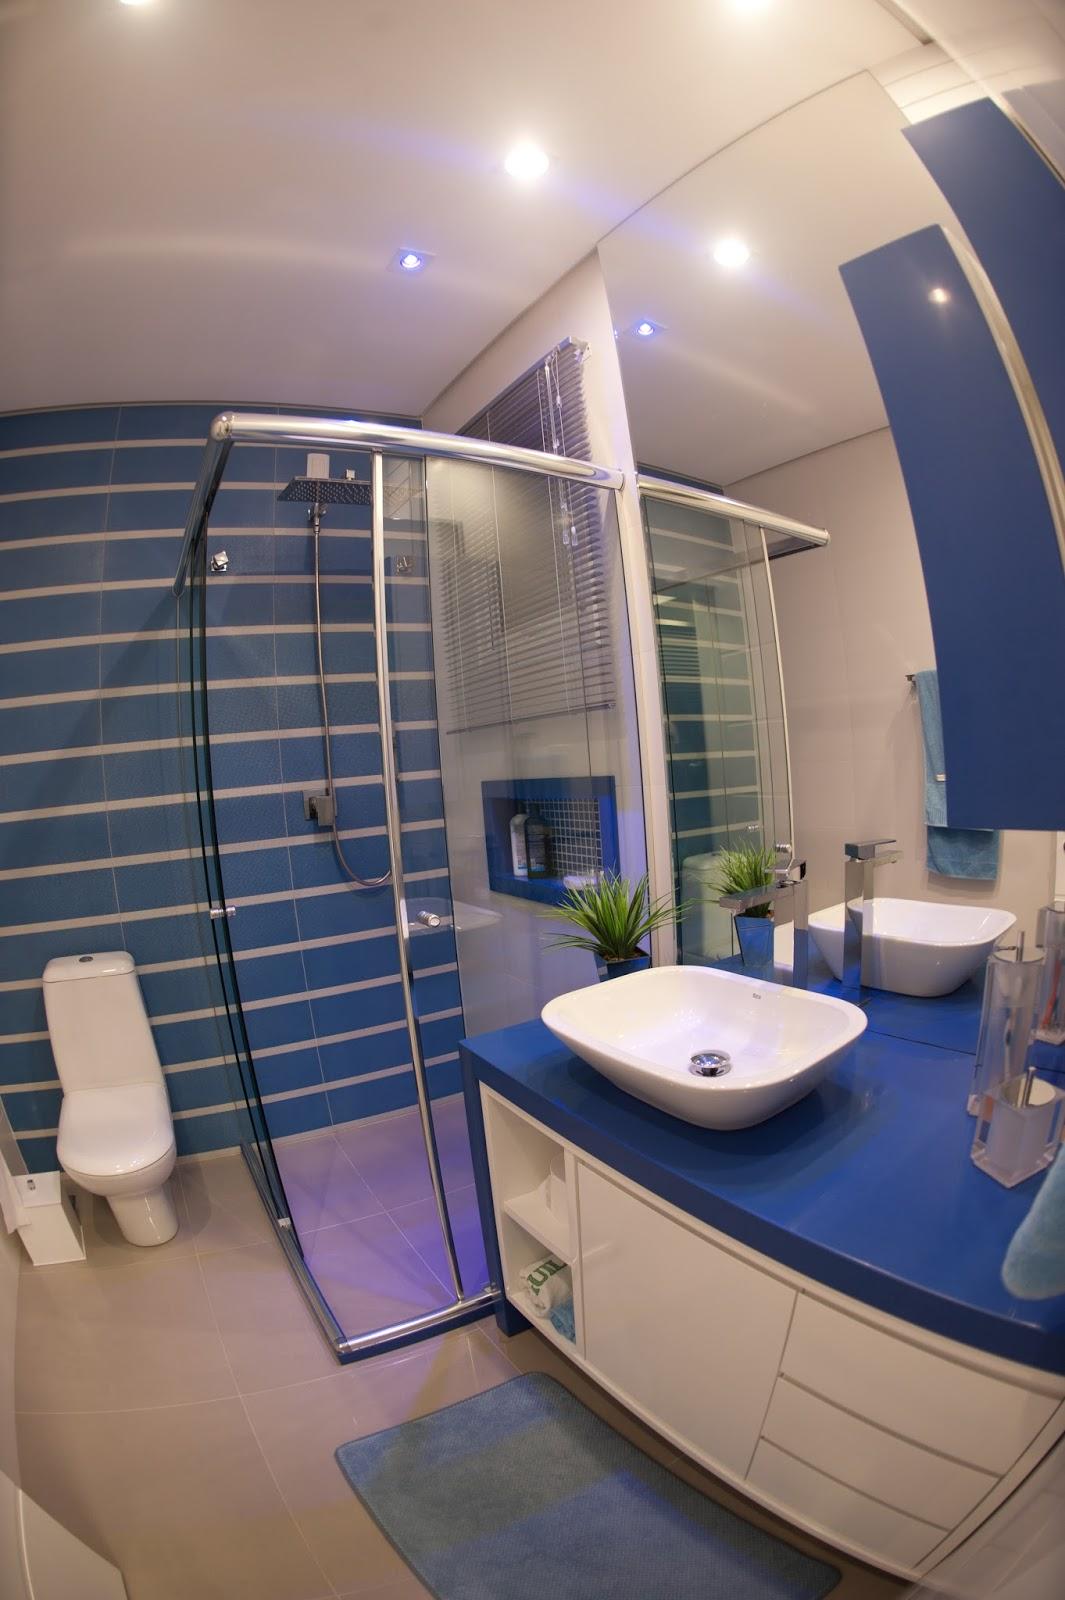 Construindo Minha Casa Clean: Apartamento Decorado Moderno e ...